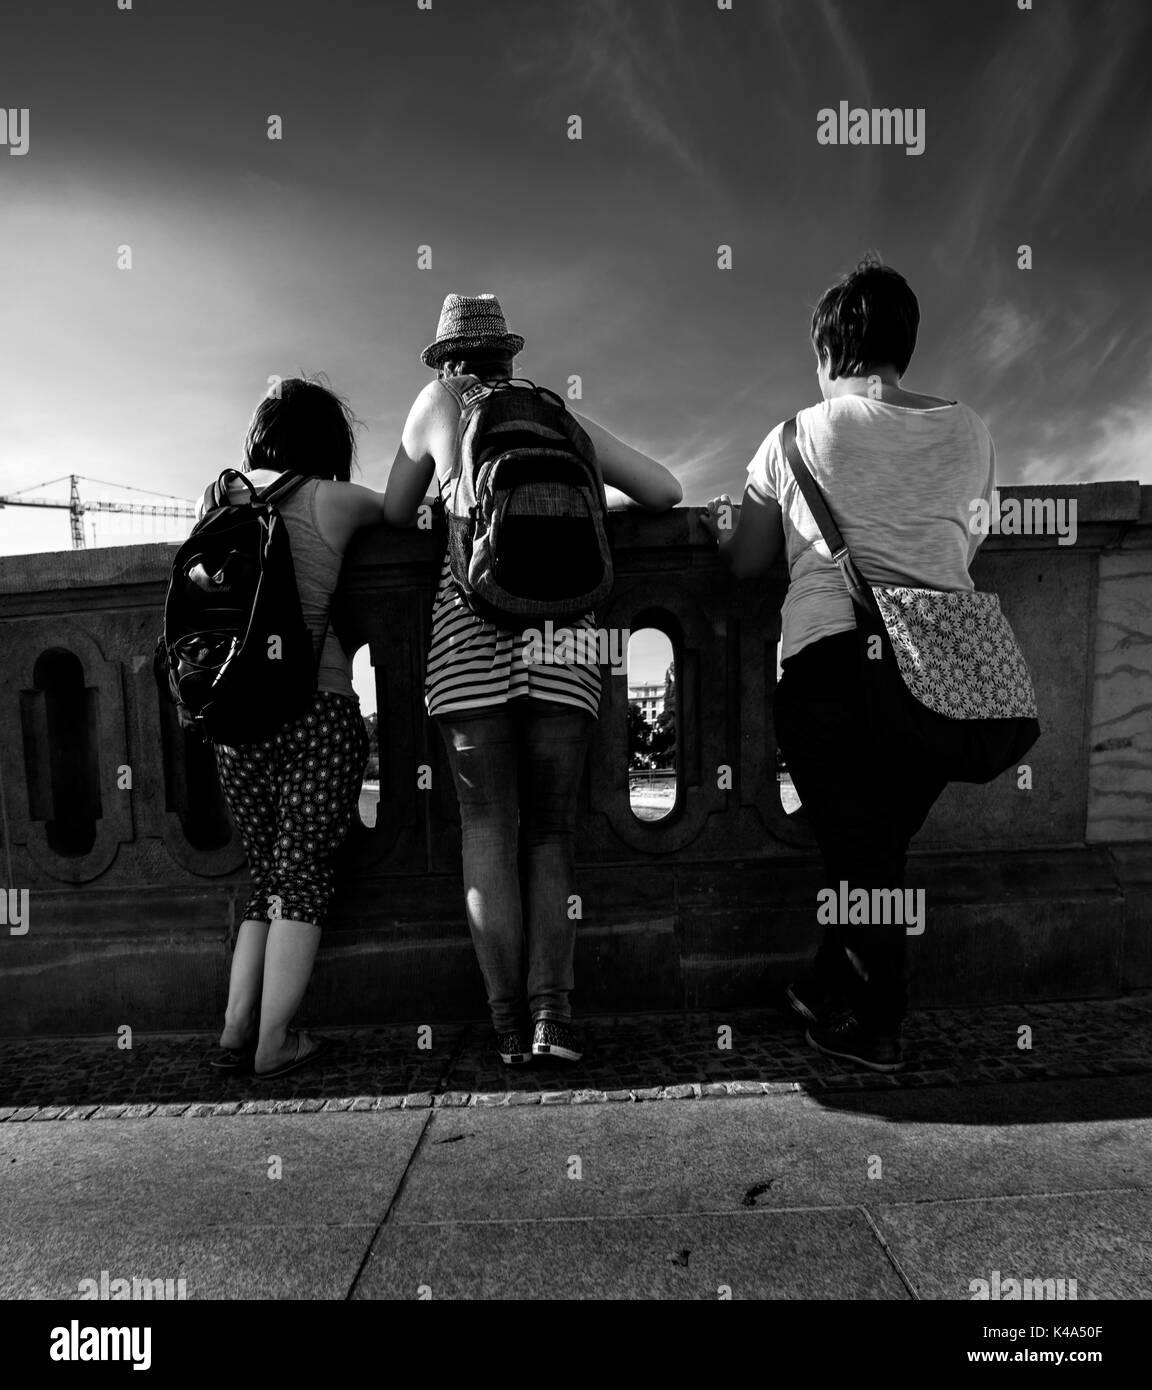 Drei Ladys in Berlin Stockbild